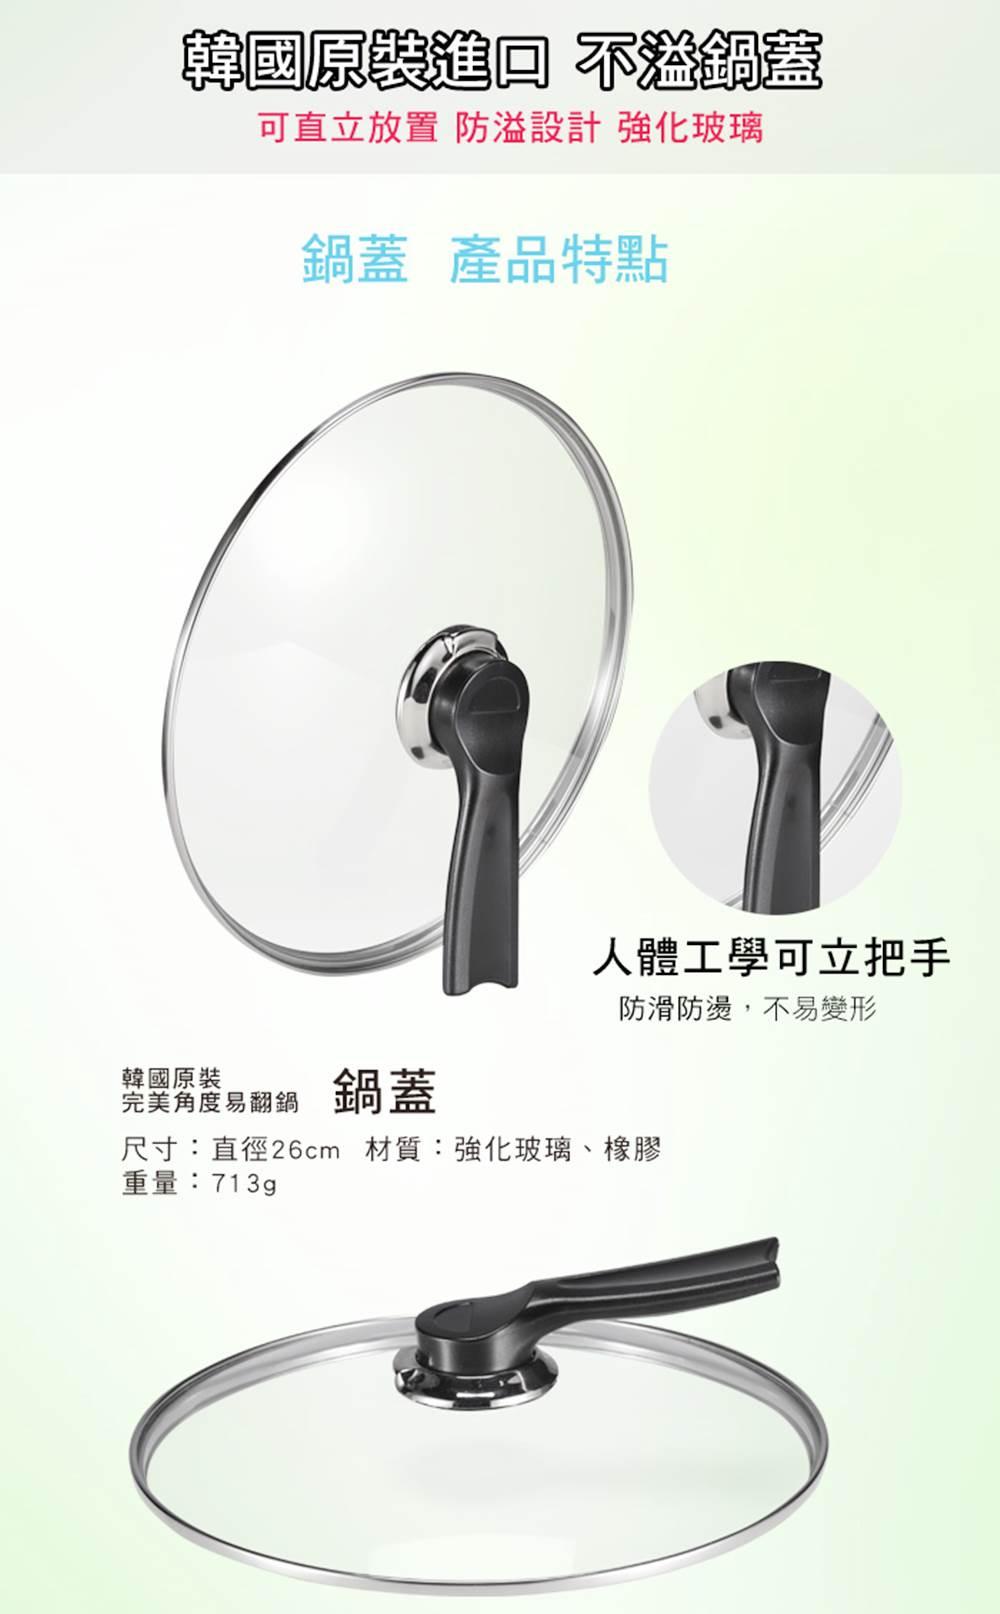 蔥媽媽 不溢鍋蓋 可直立放置 防溢設計 強化玻璃